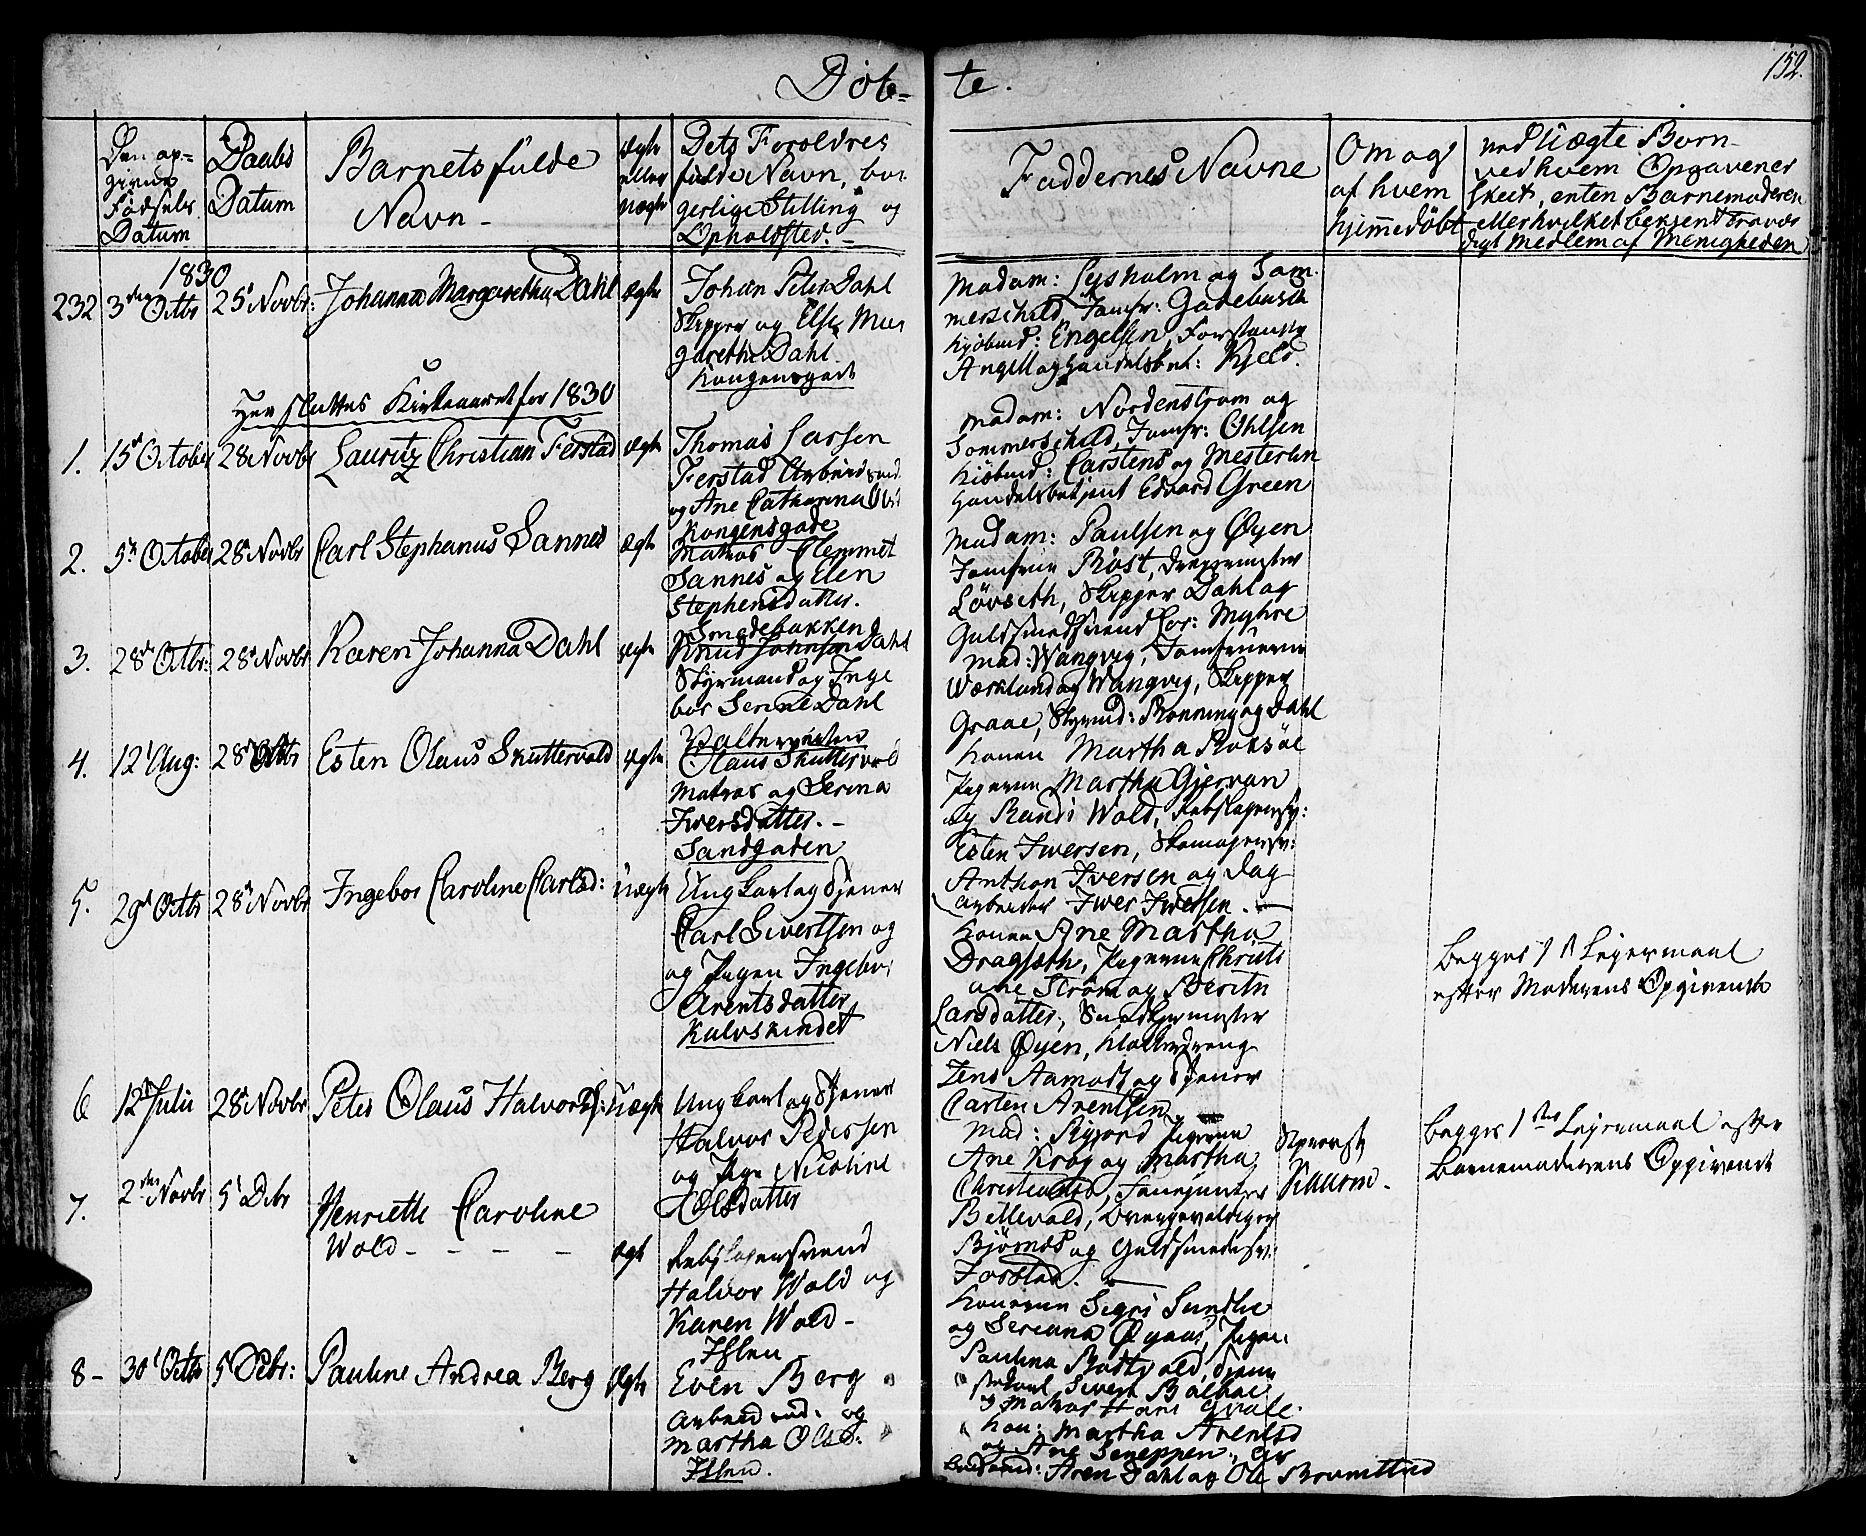 SAT, Ministerialprotokoller, klokkerbøker og fødselsregistre - Sør-Trøndelag, 601/L0045: Ministerialbok nr. 601A13, 1821-1831, s. 152